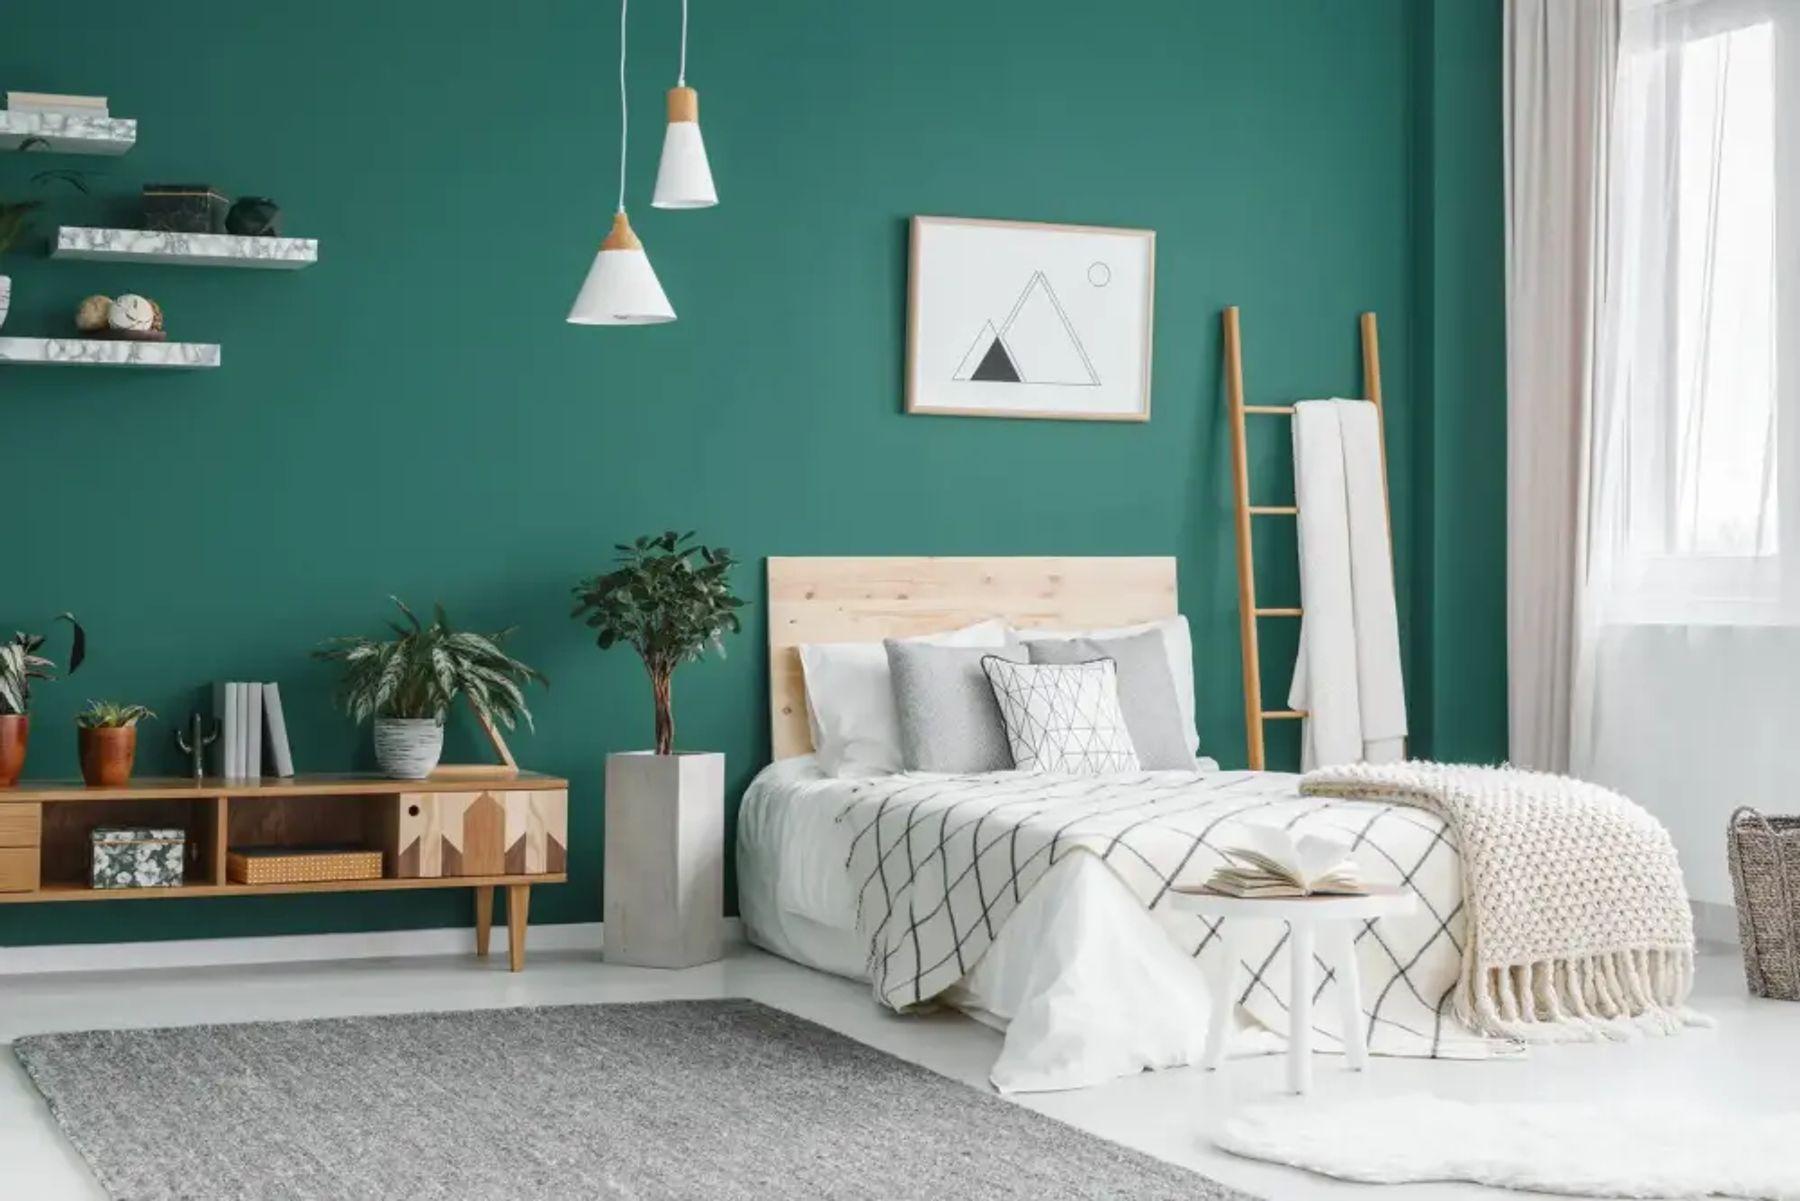 Yeşil duvarlı bir oda ve beyaz gri tonlarında nevresimli yatak